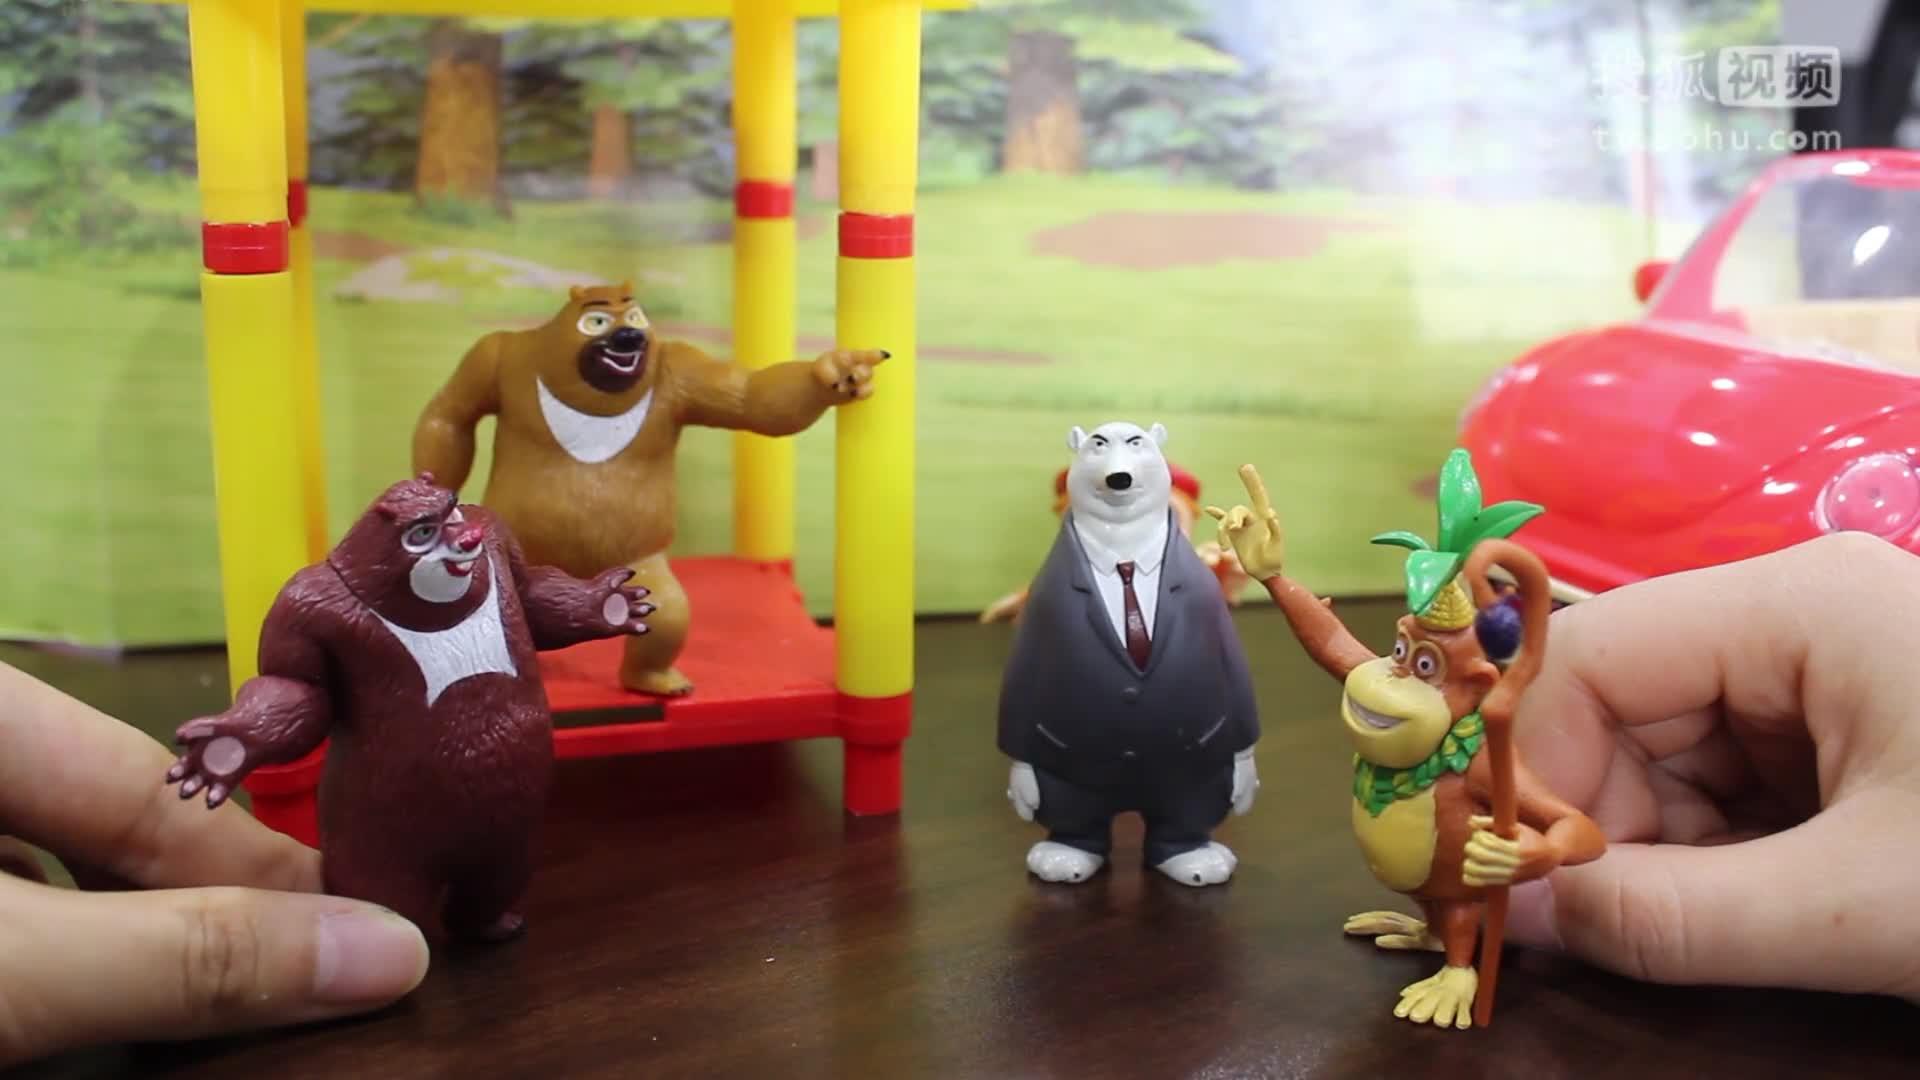 熊出没玩具故事 大白熊终于见到熊大熊二